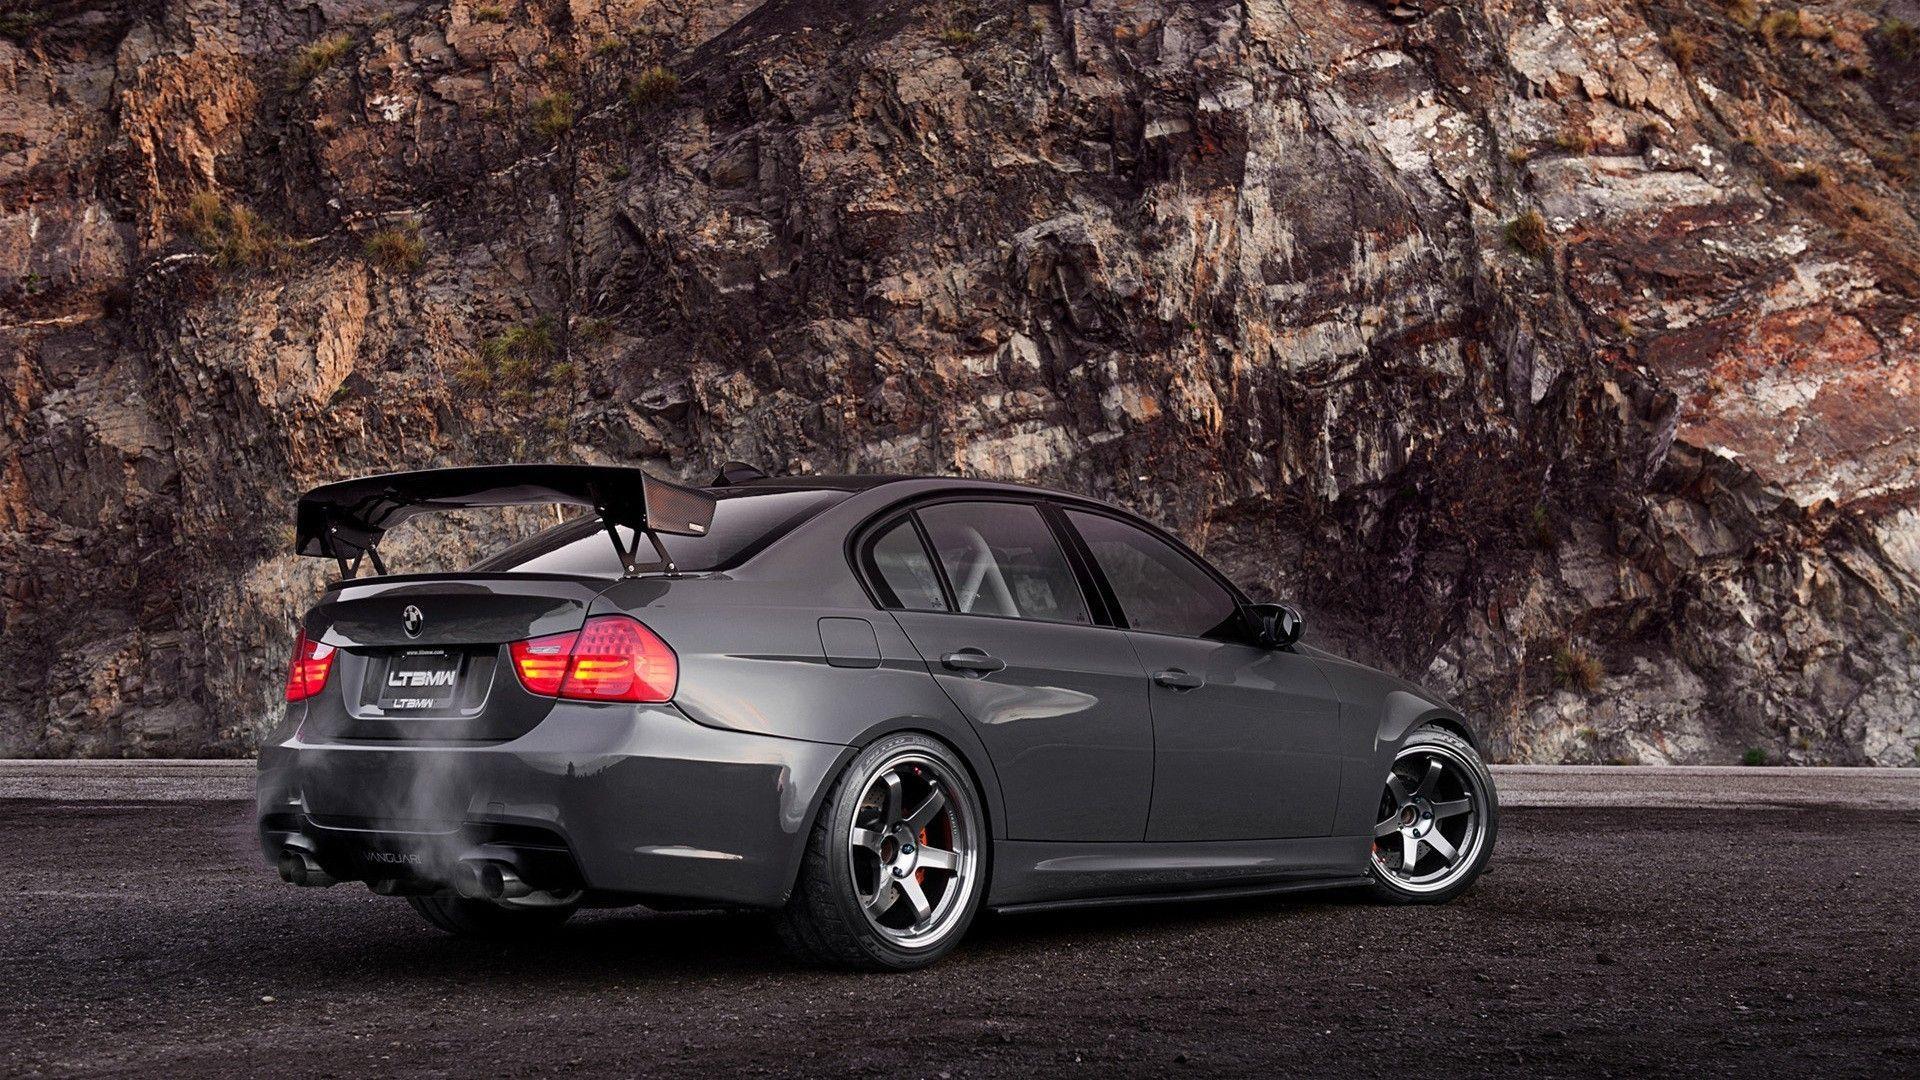 BMW E90 Wallpaper 29 - 1920x1080